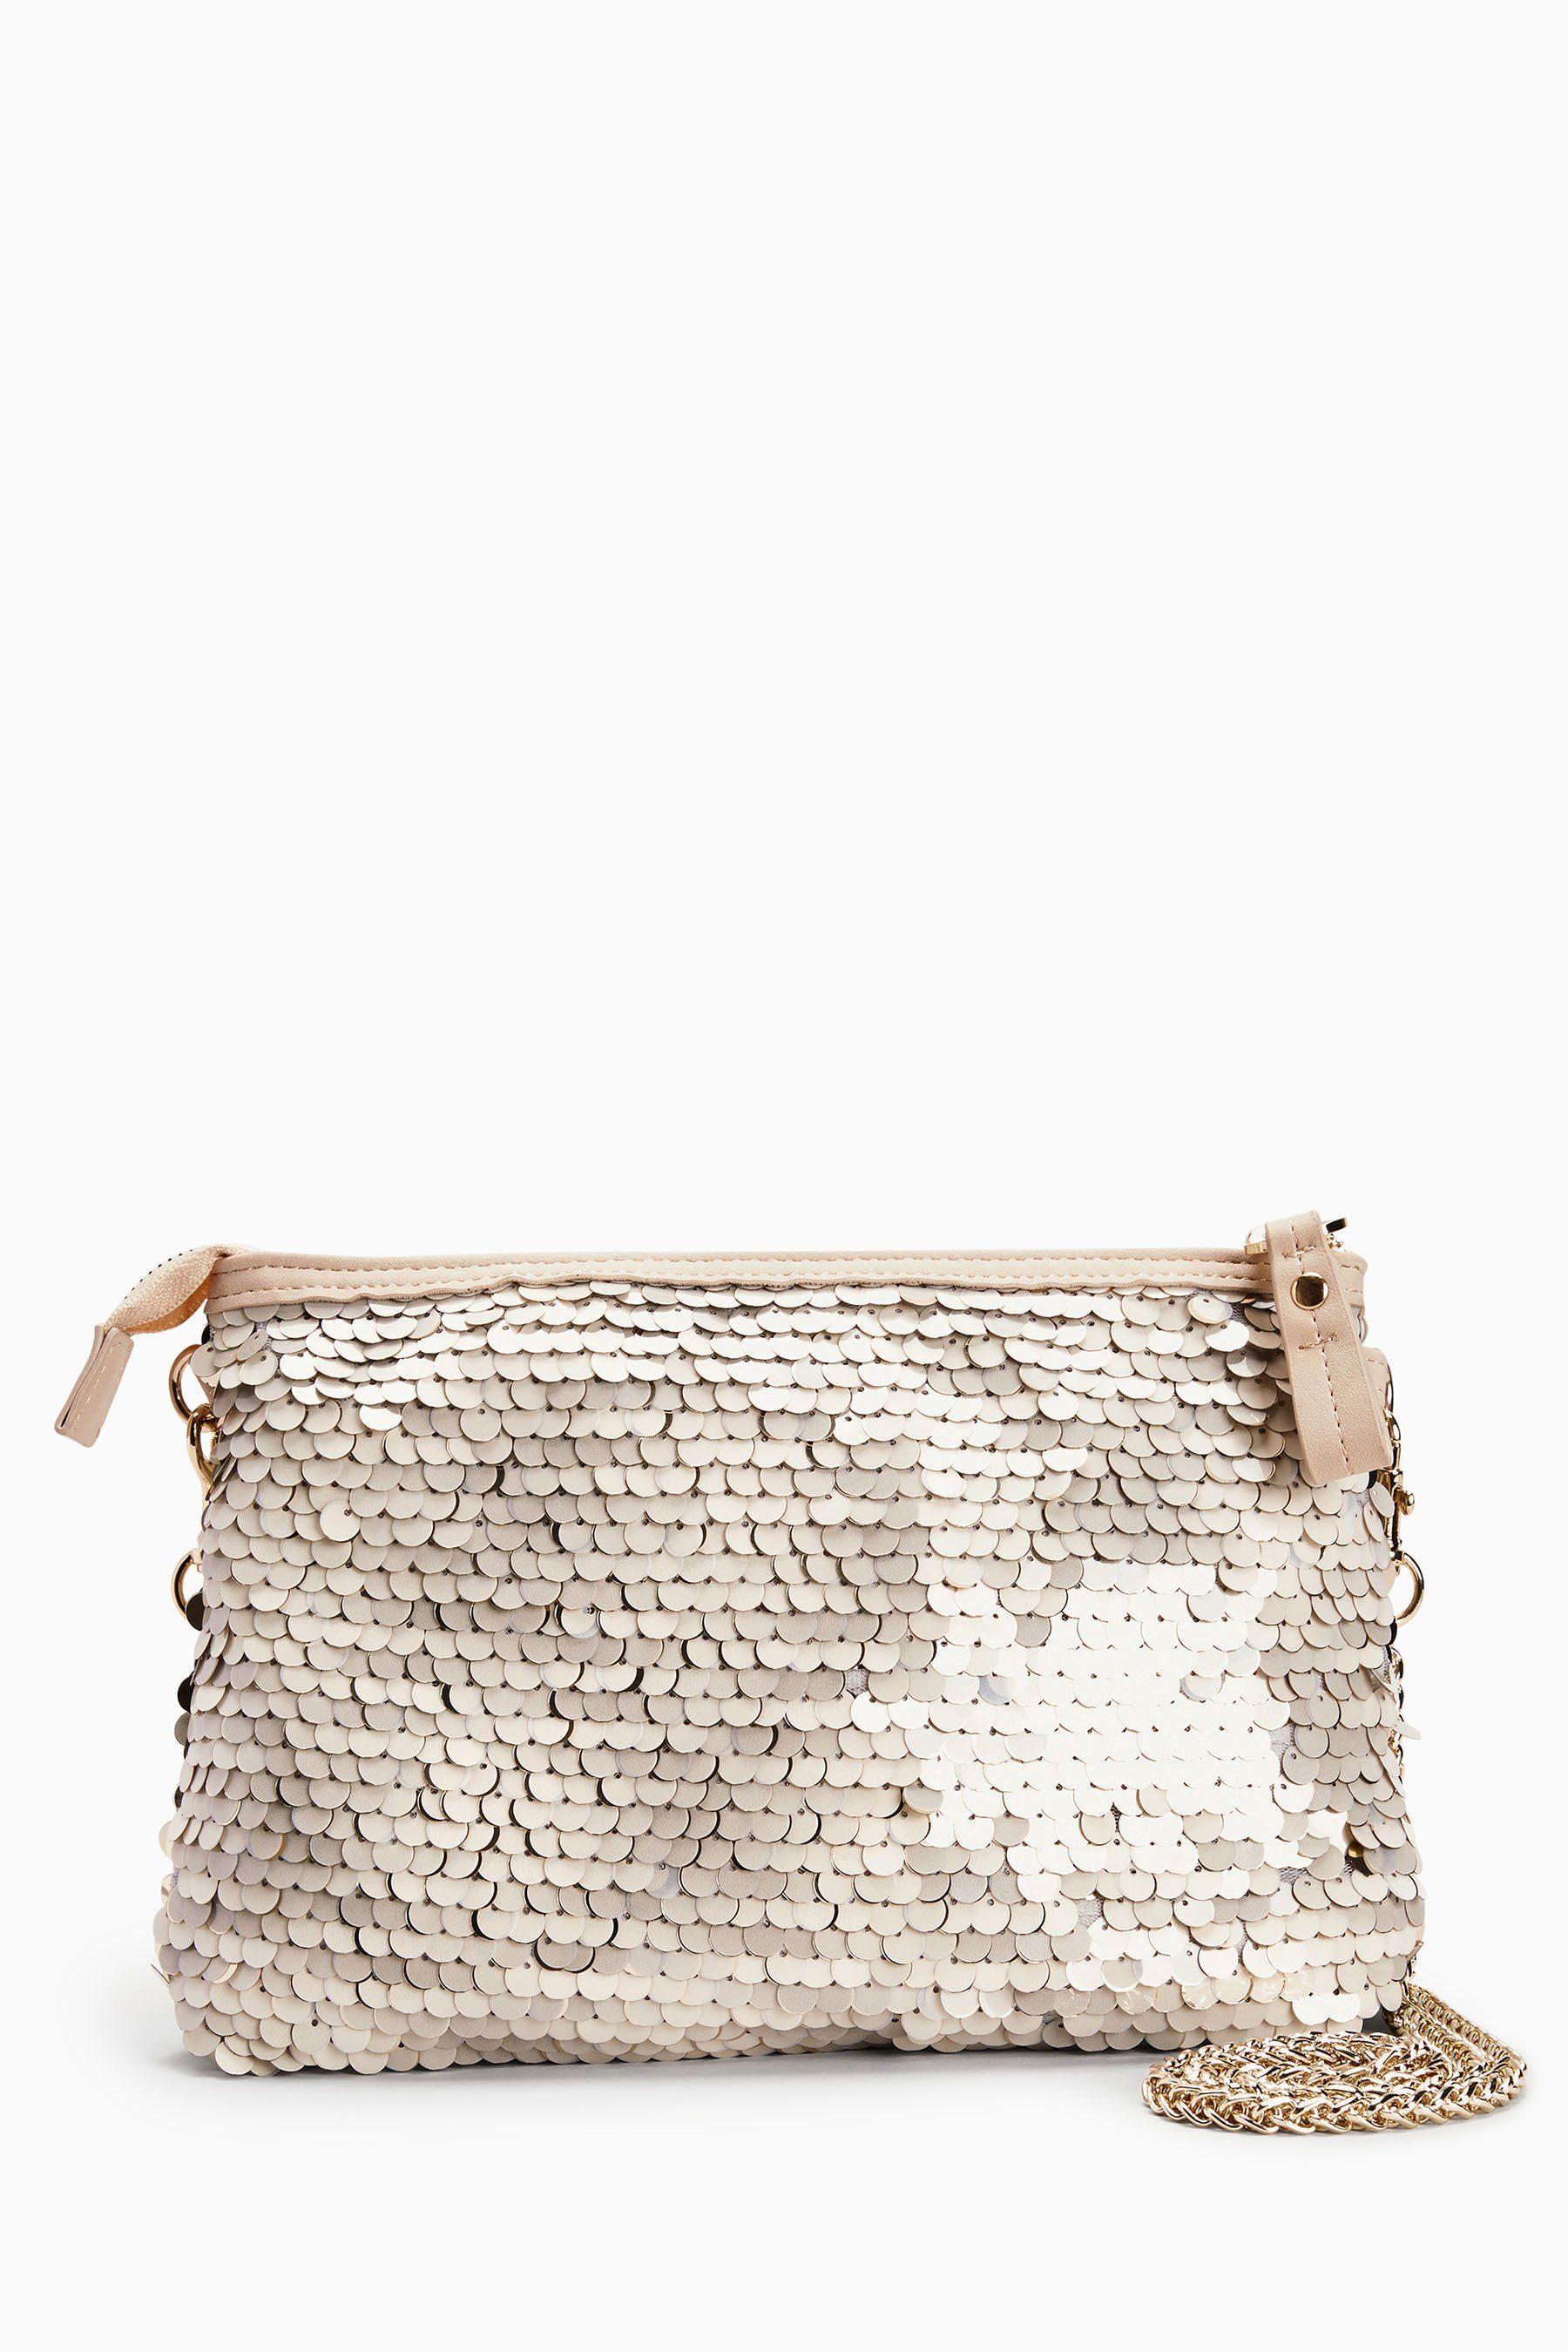 Next Handtasche in Paillettenoptik mit Reißverschluss